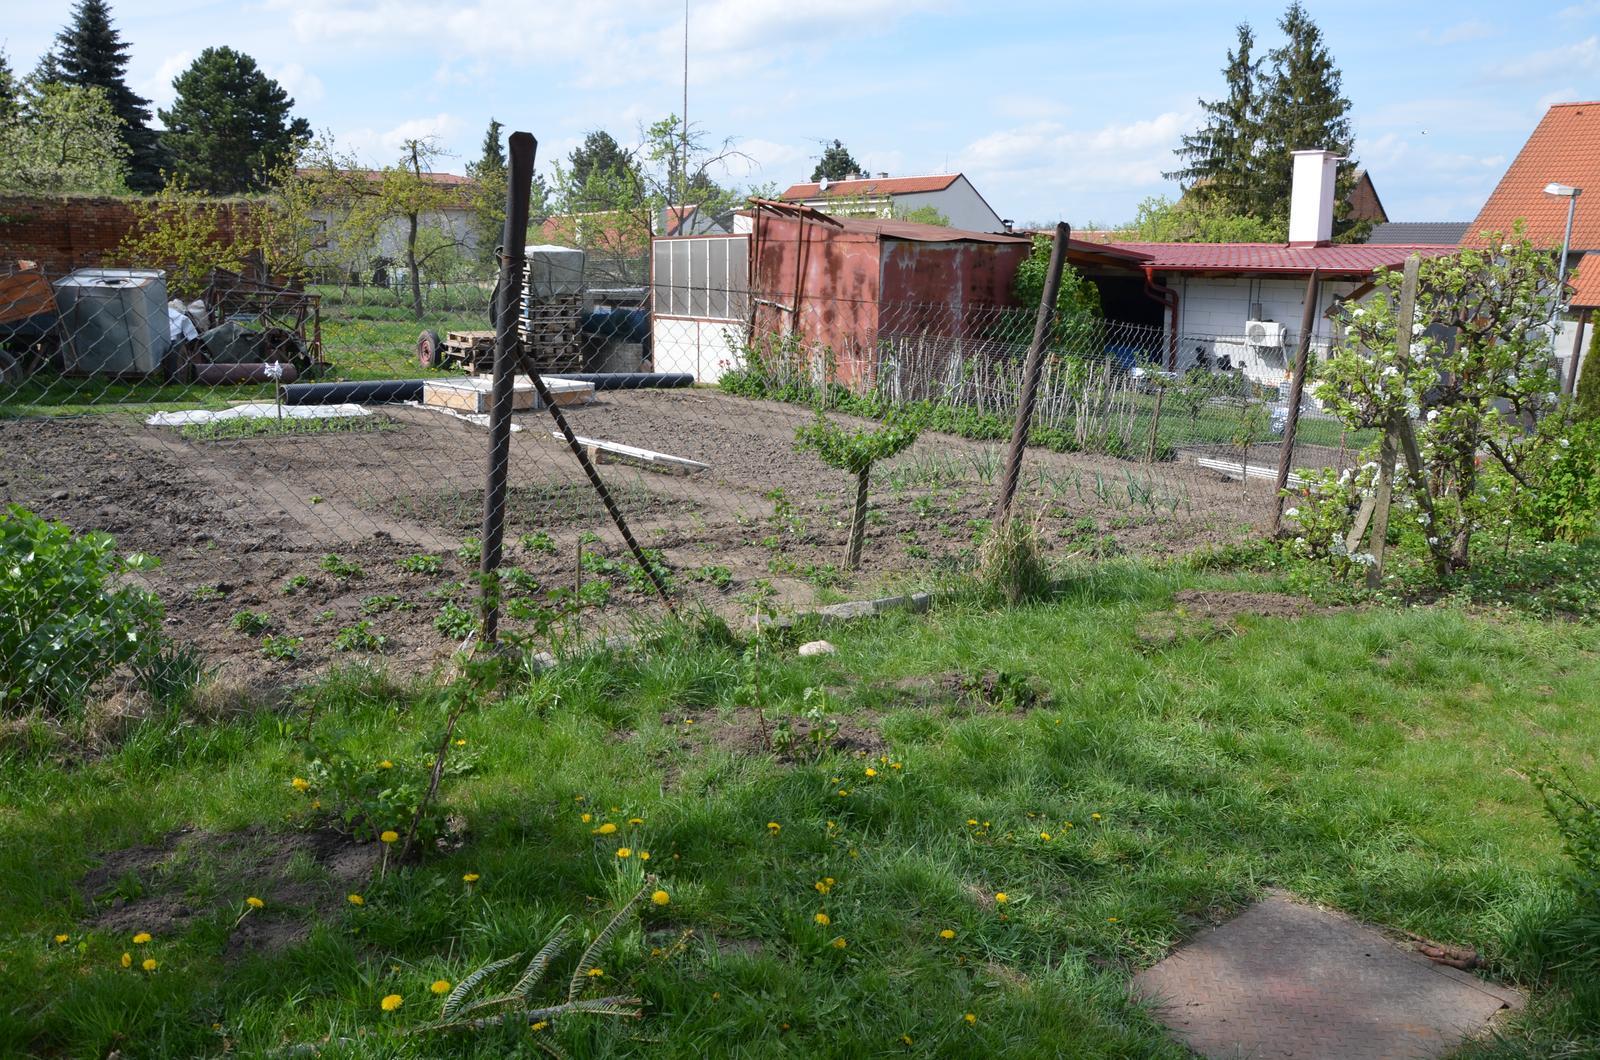 Vysněná zahrada... - když se pozorně zadíváte, uvidíte zasazené maliny, to už je naše práce